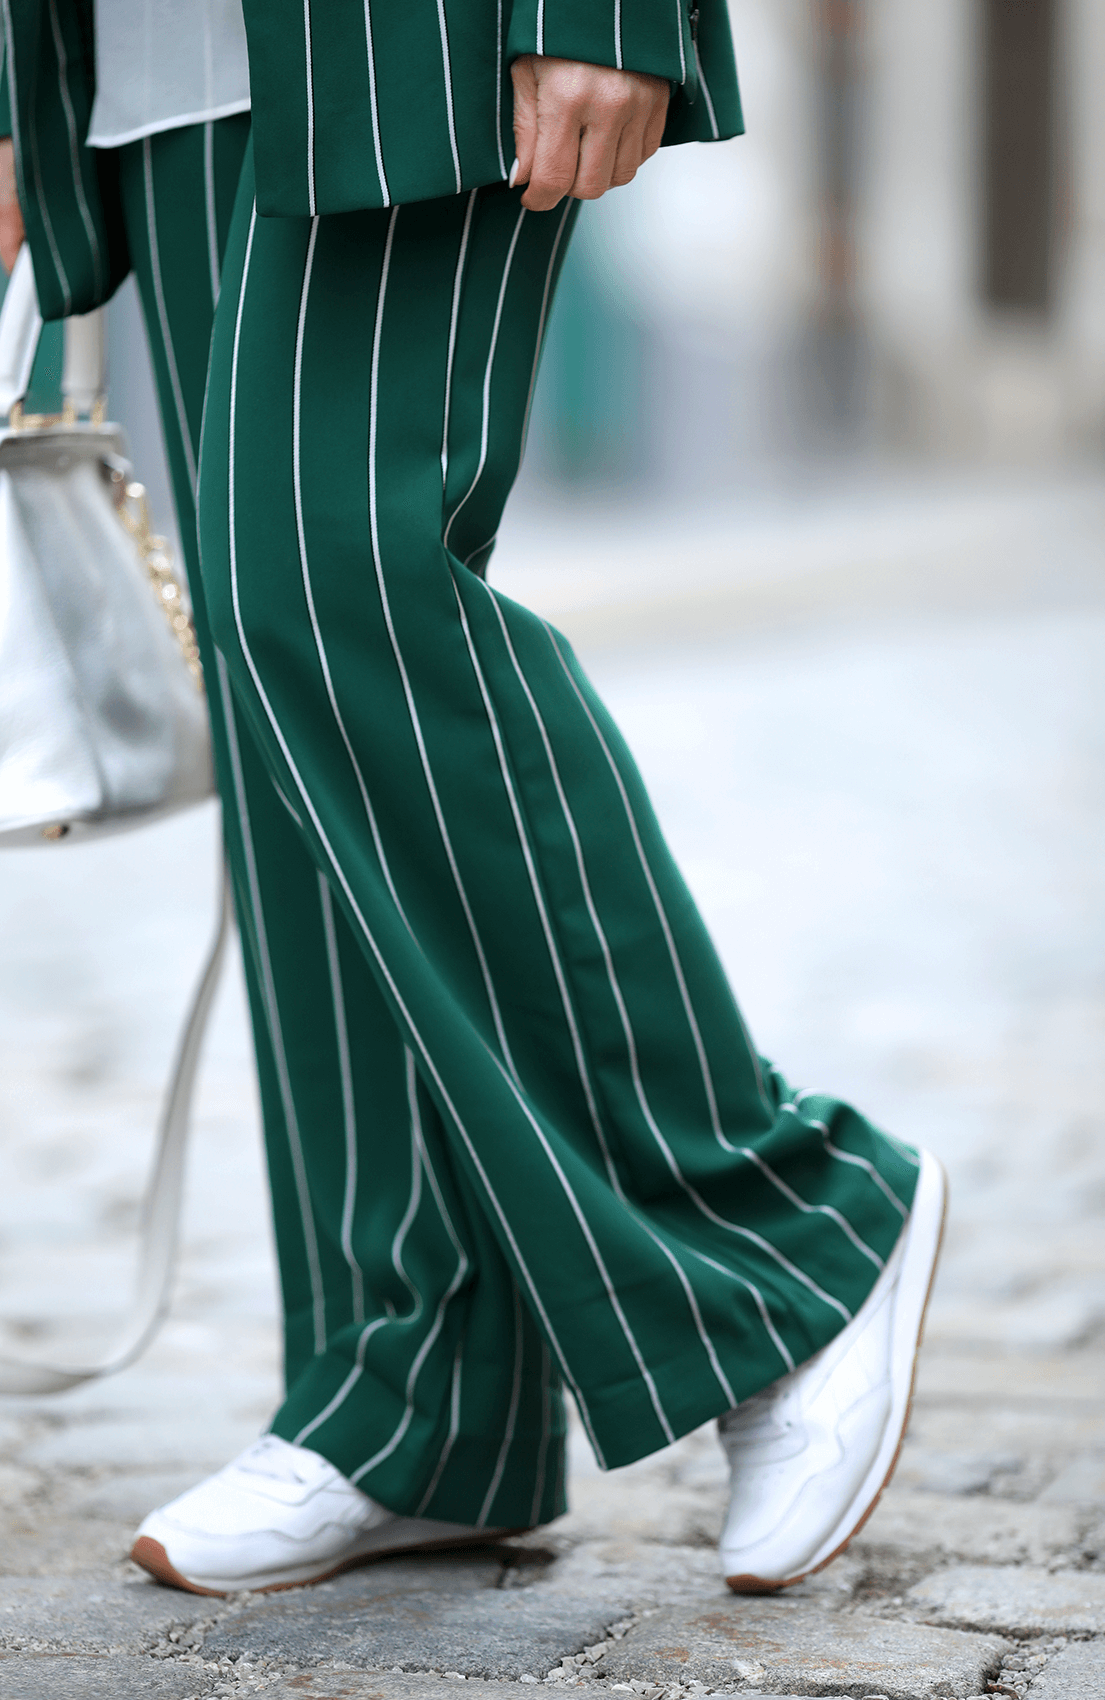 Look Modetrends Suitamp; Den Winter Power Weiße 2019Knalliger Mit nPZOk0w8XN